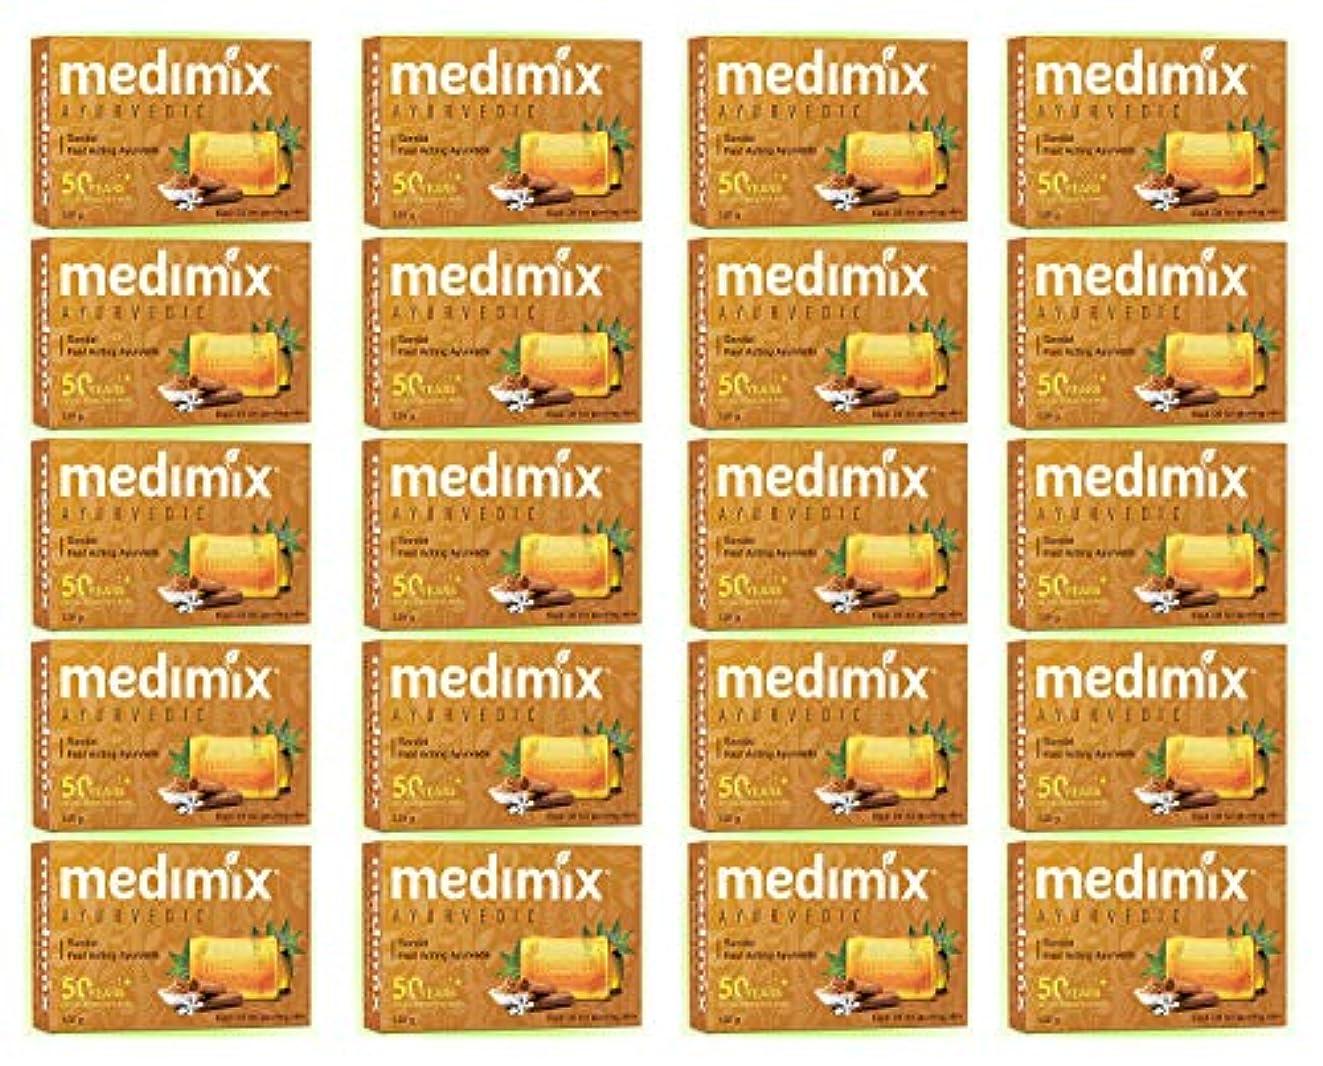 オーバーフローキャンパス召喚するmedimix メディミックス アーユルヴェディックサンダル 石鹸(旧商品名クラシックオレンジ))125g 20個入り